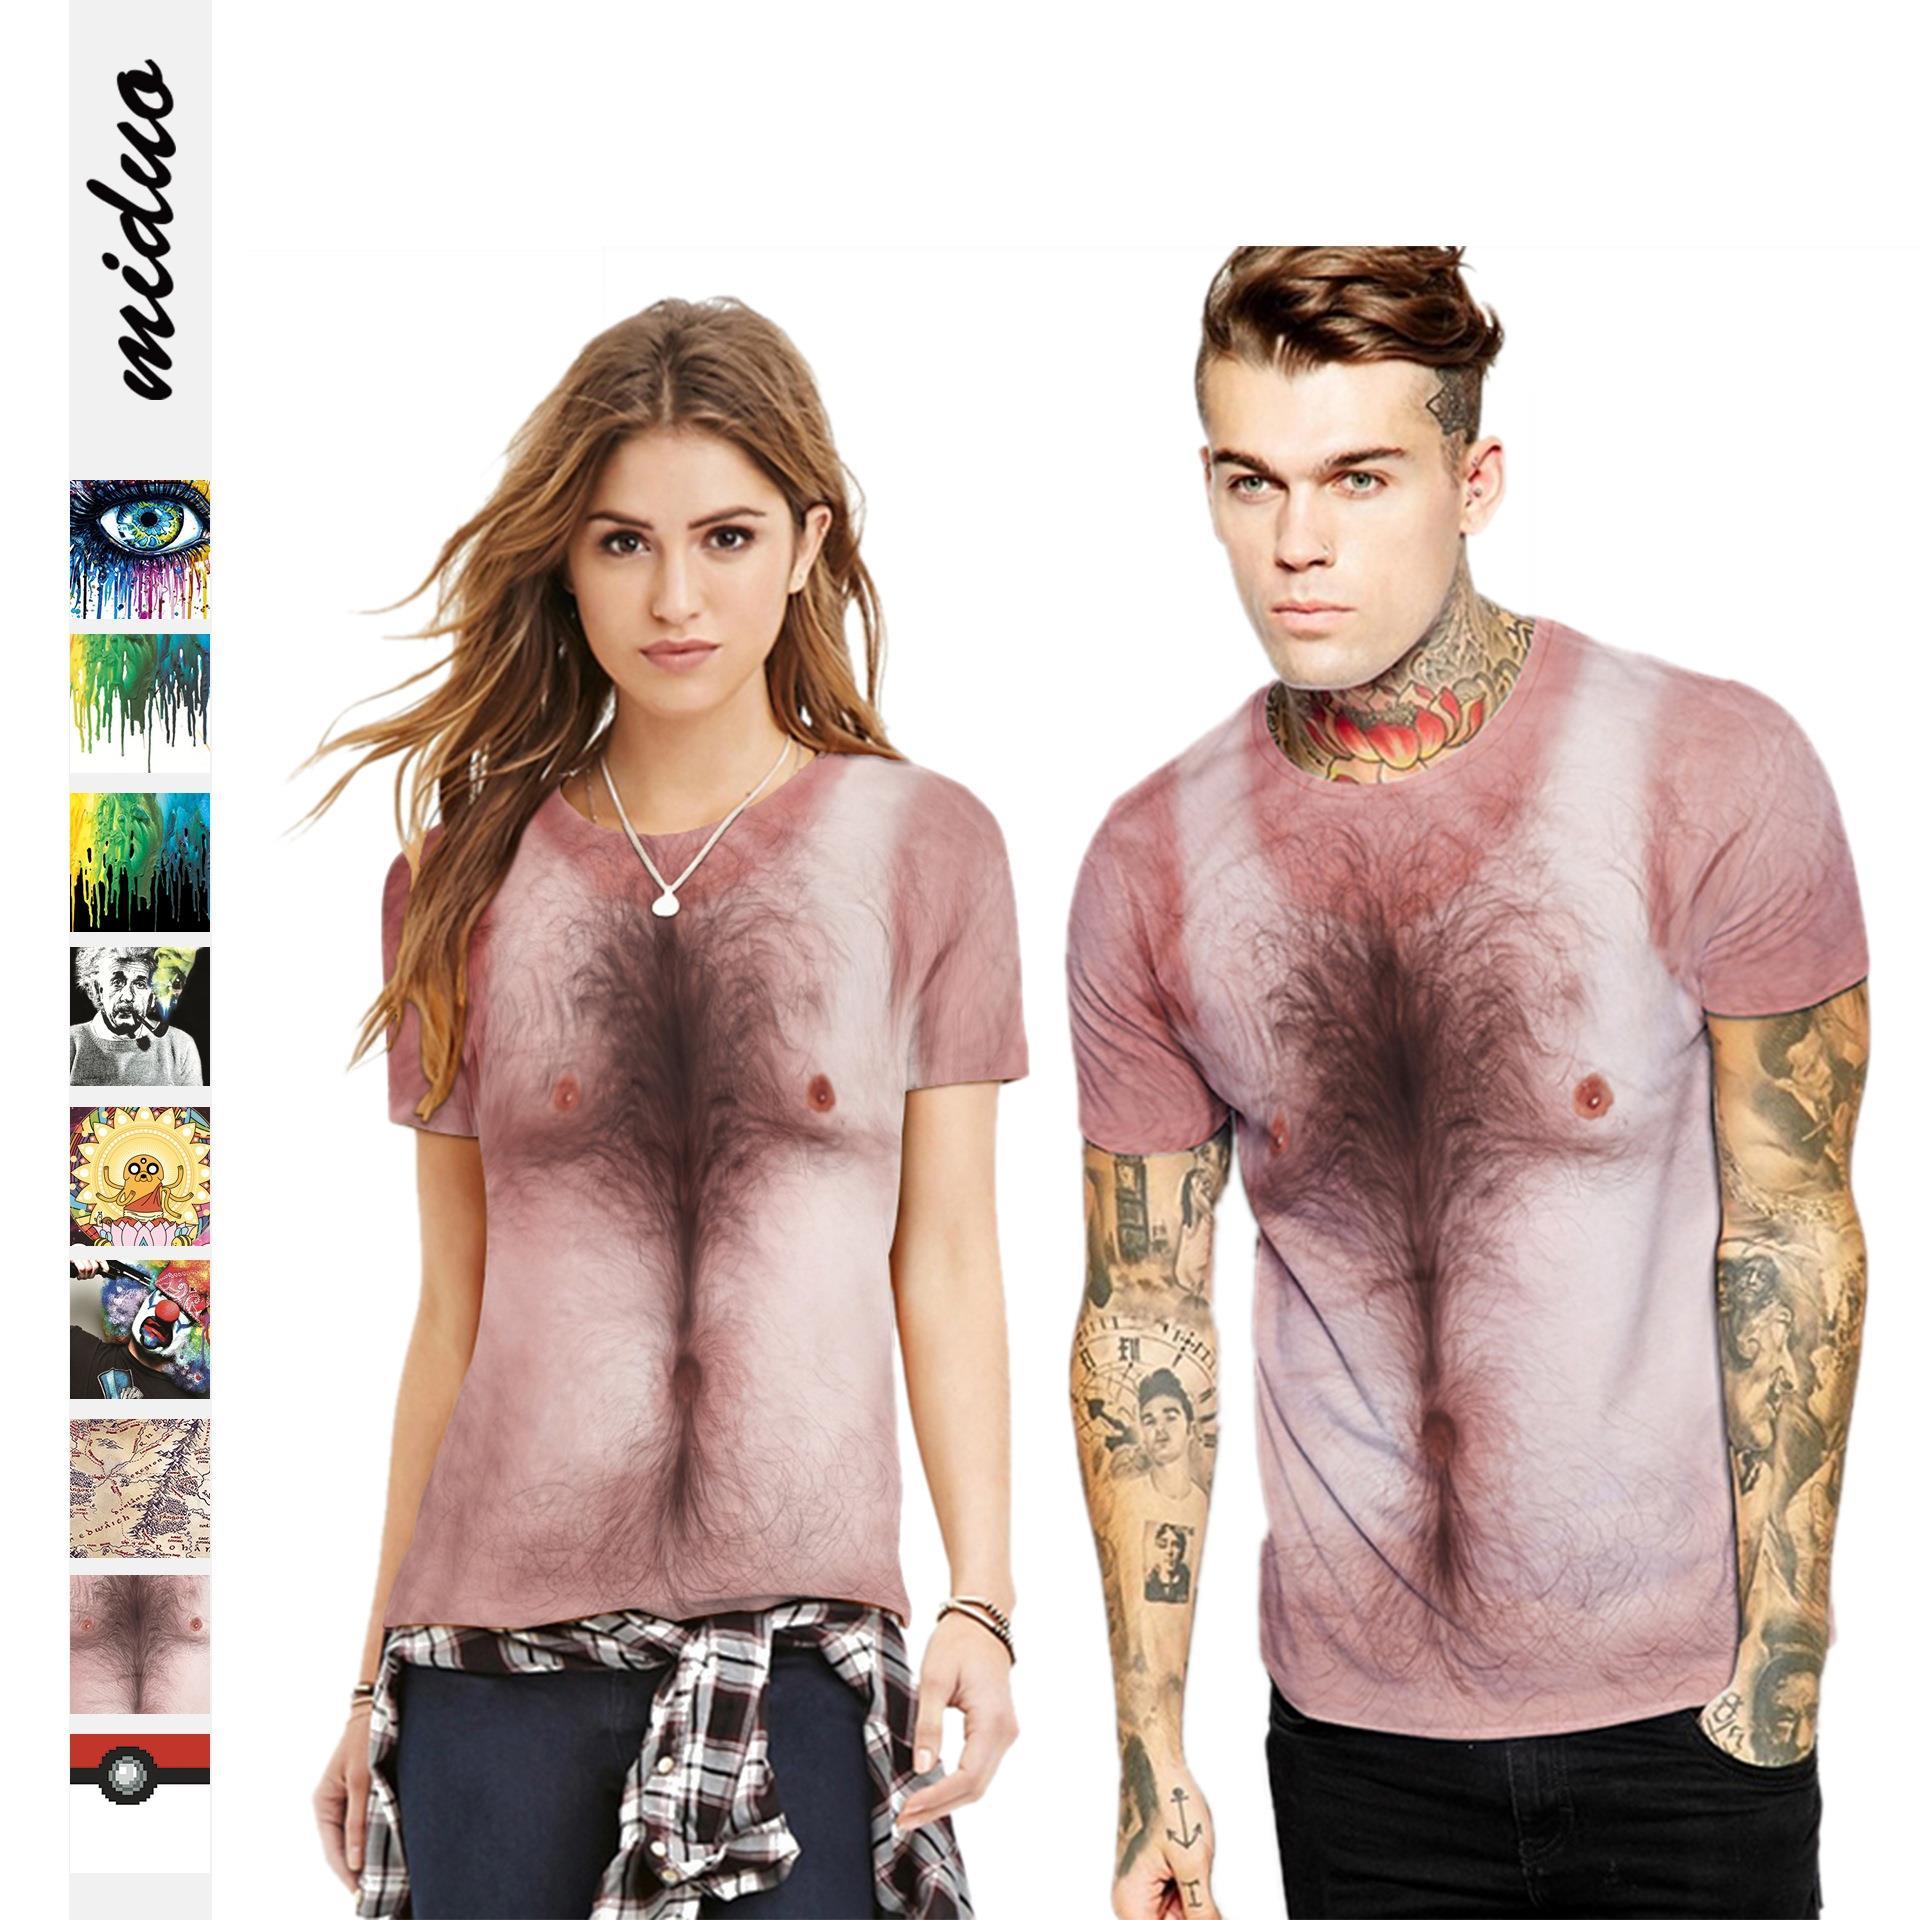 �0�2Summer short-sleeved tops for men and women季短袖上衣